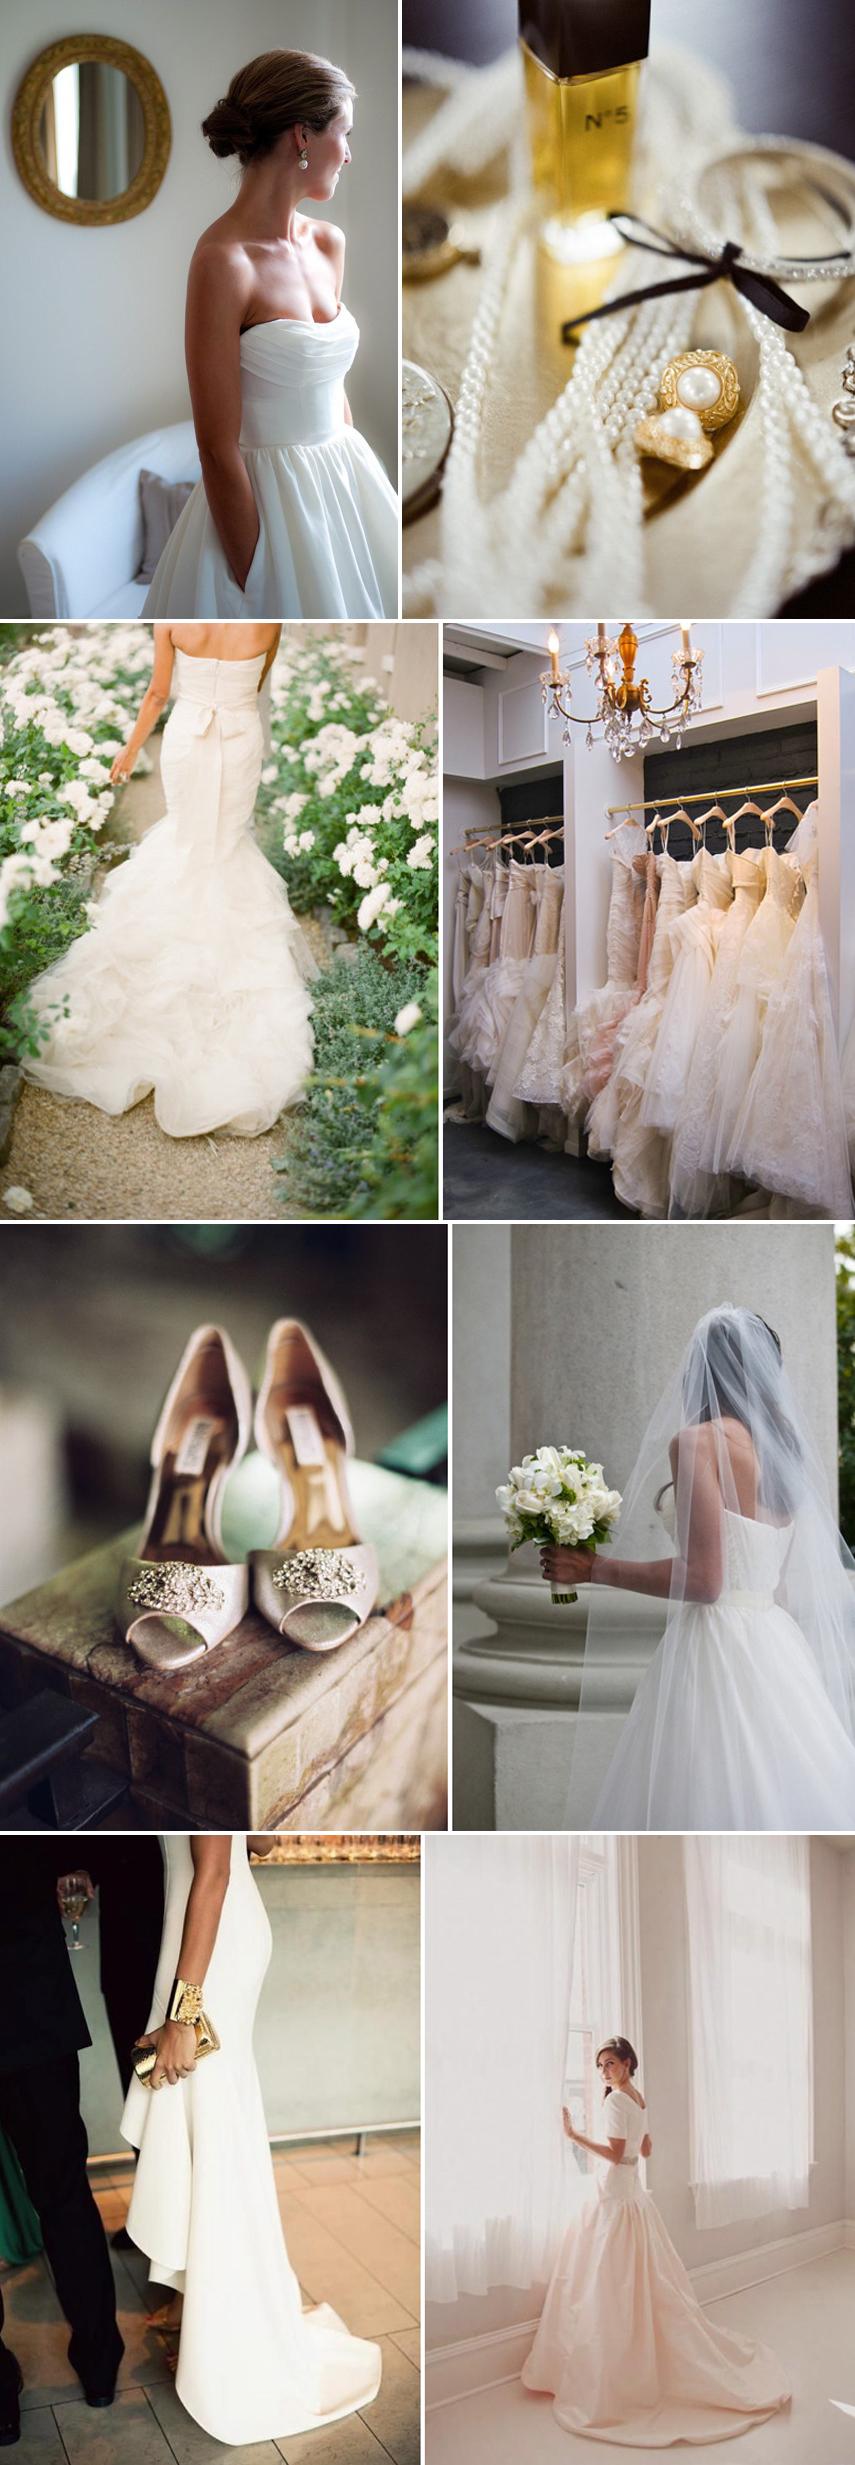 Coco Wedding Venues - Classic Elegance - Wedding Style category - Bridal Fashion.